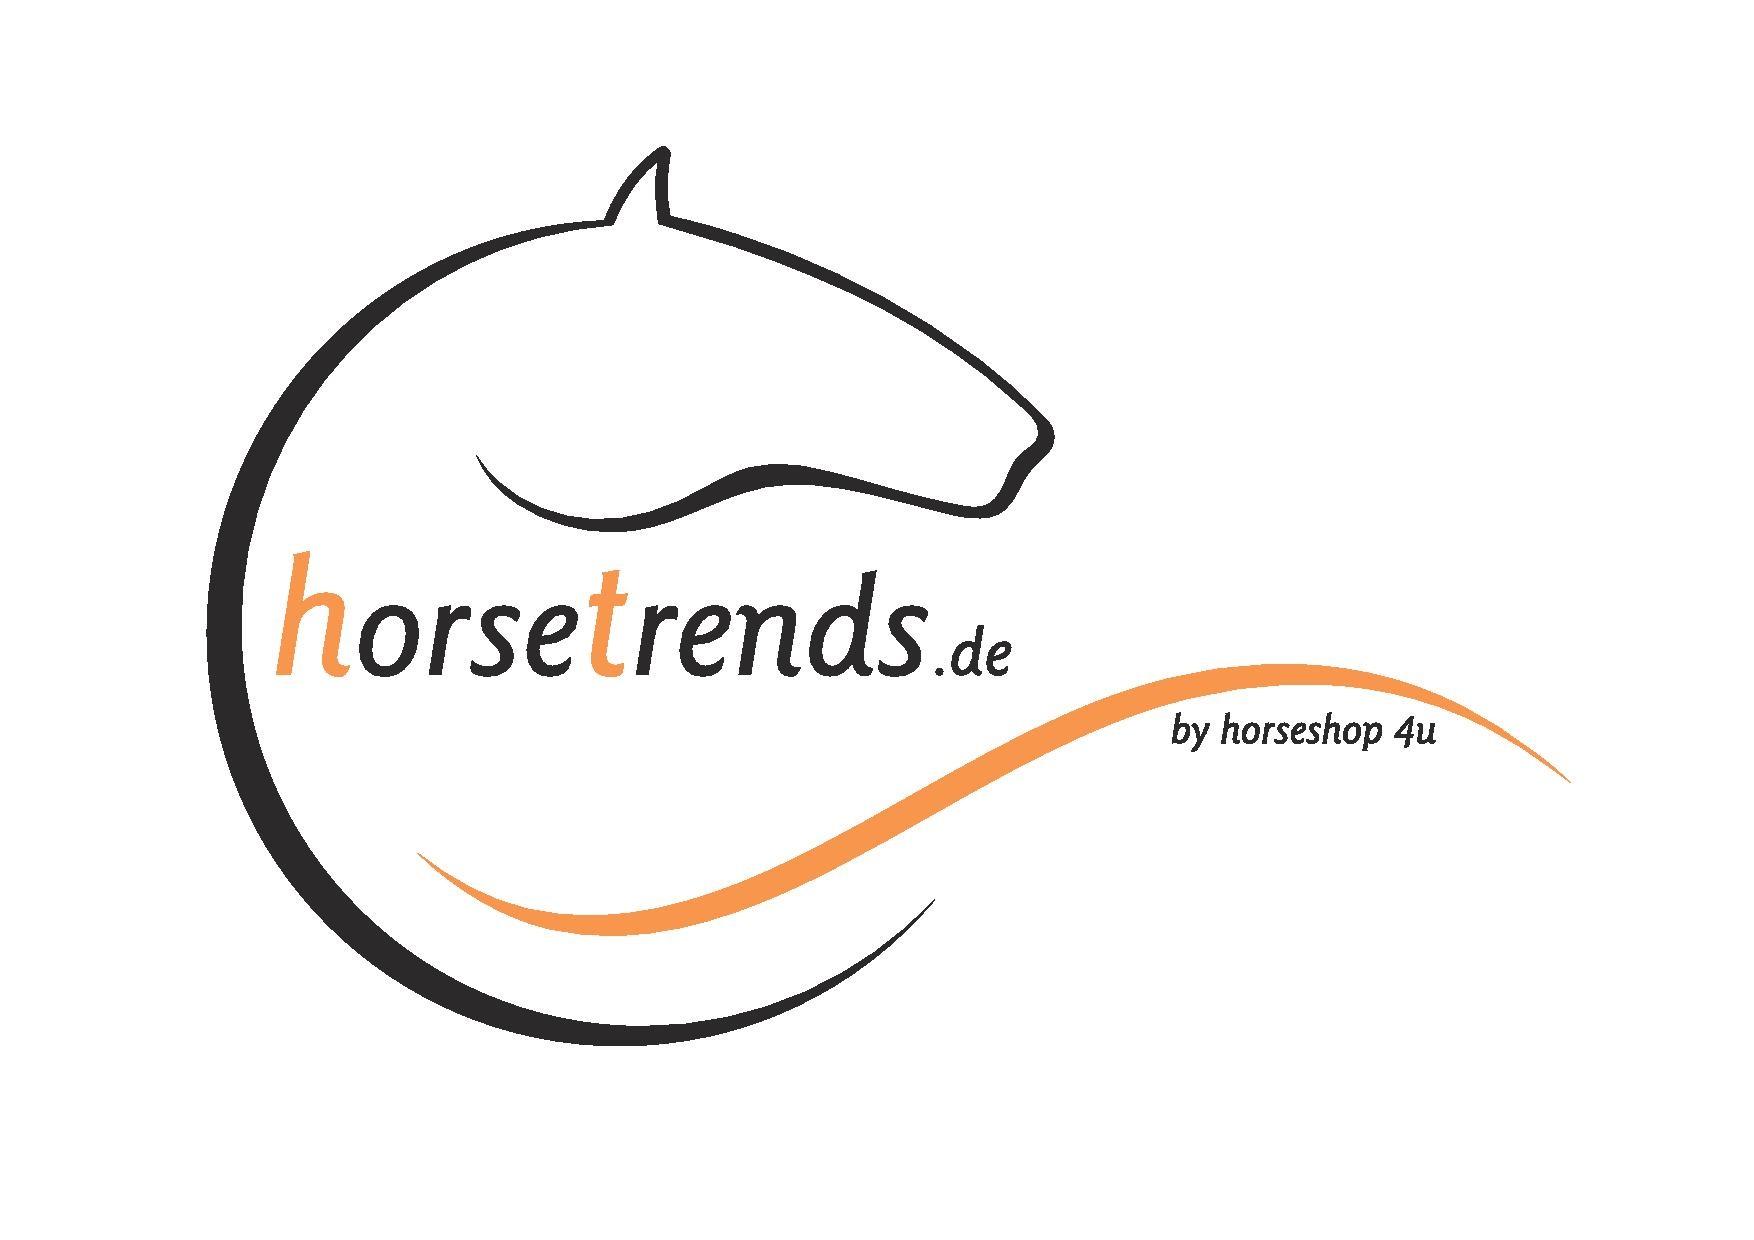 horsetrends